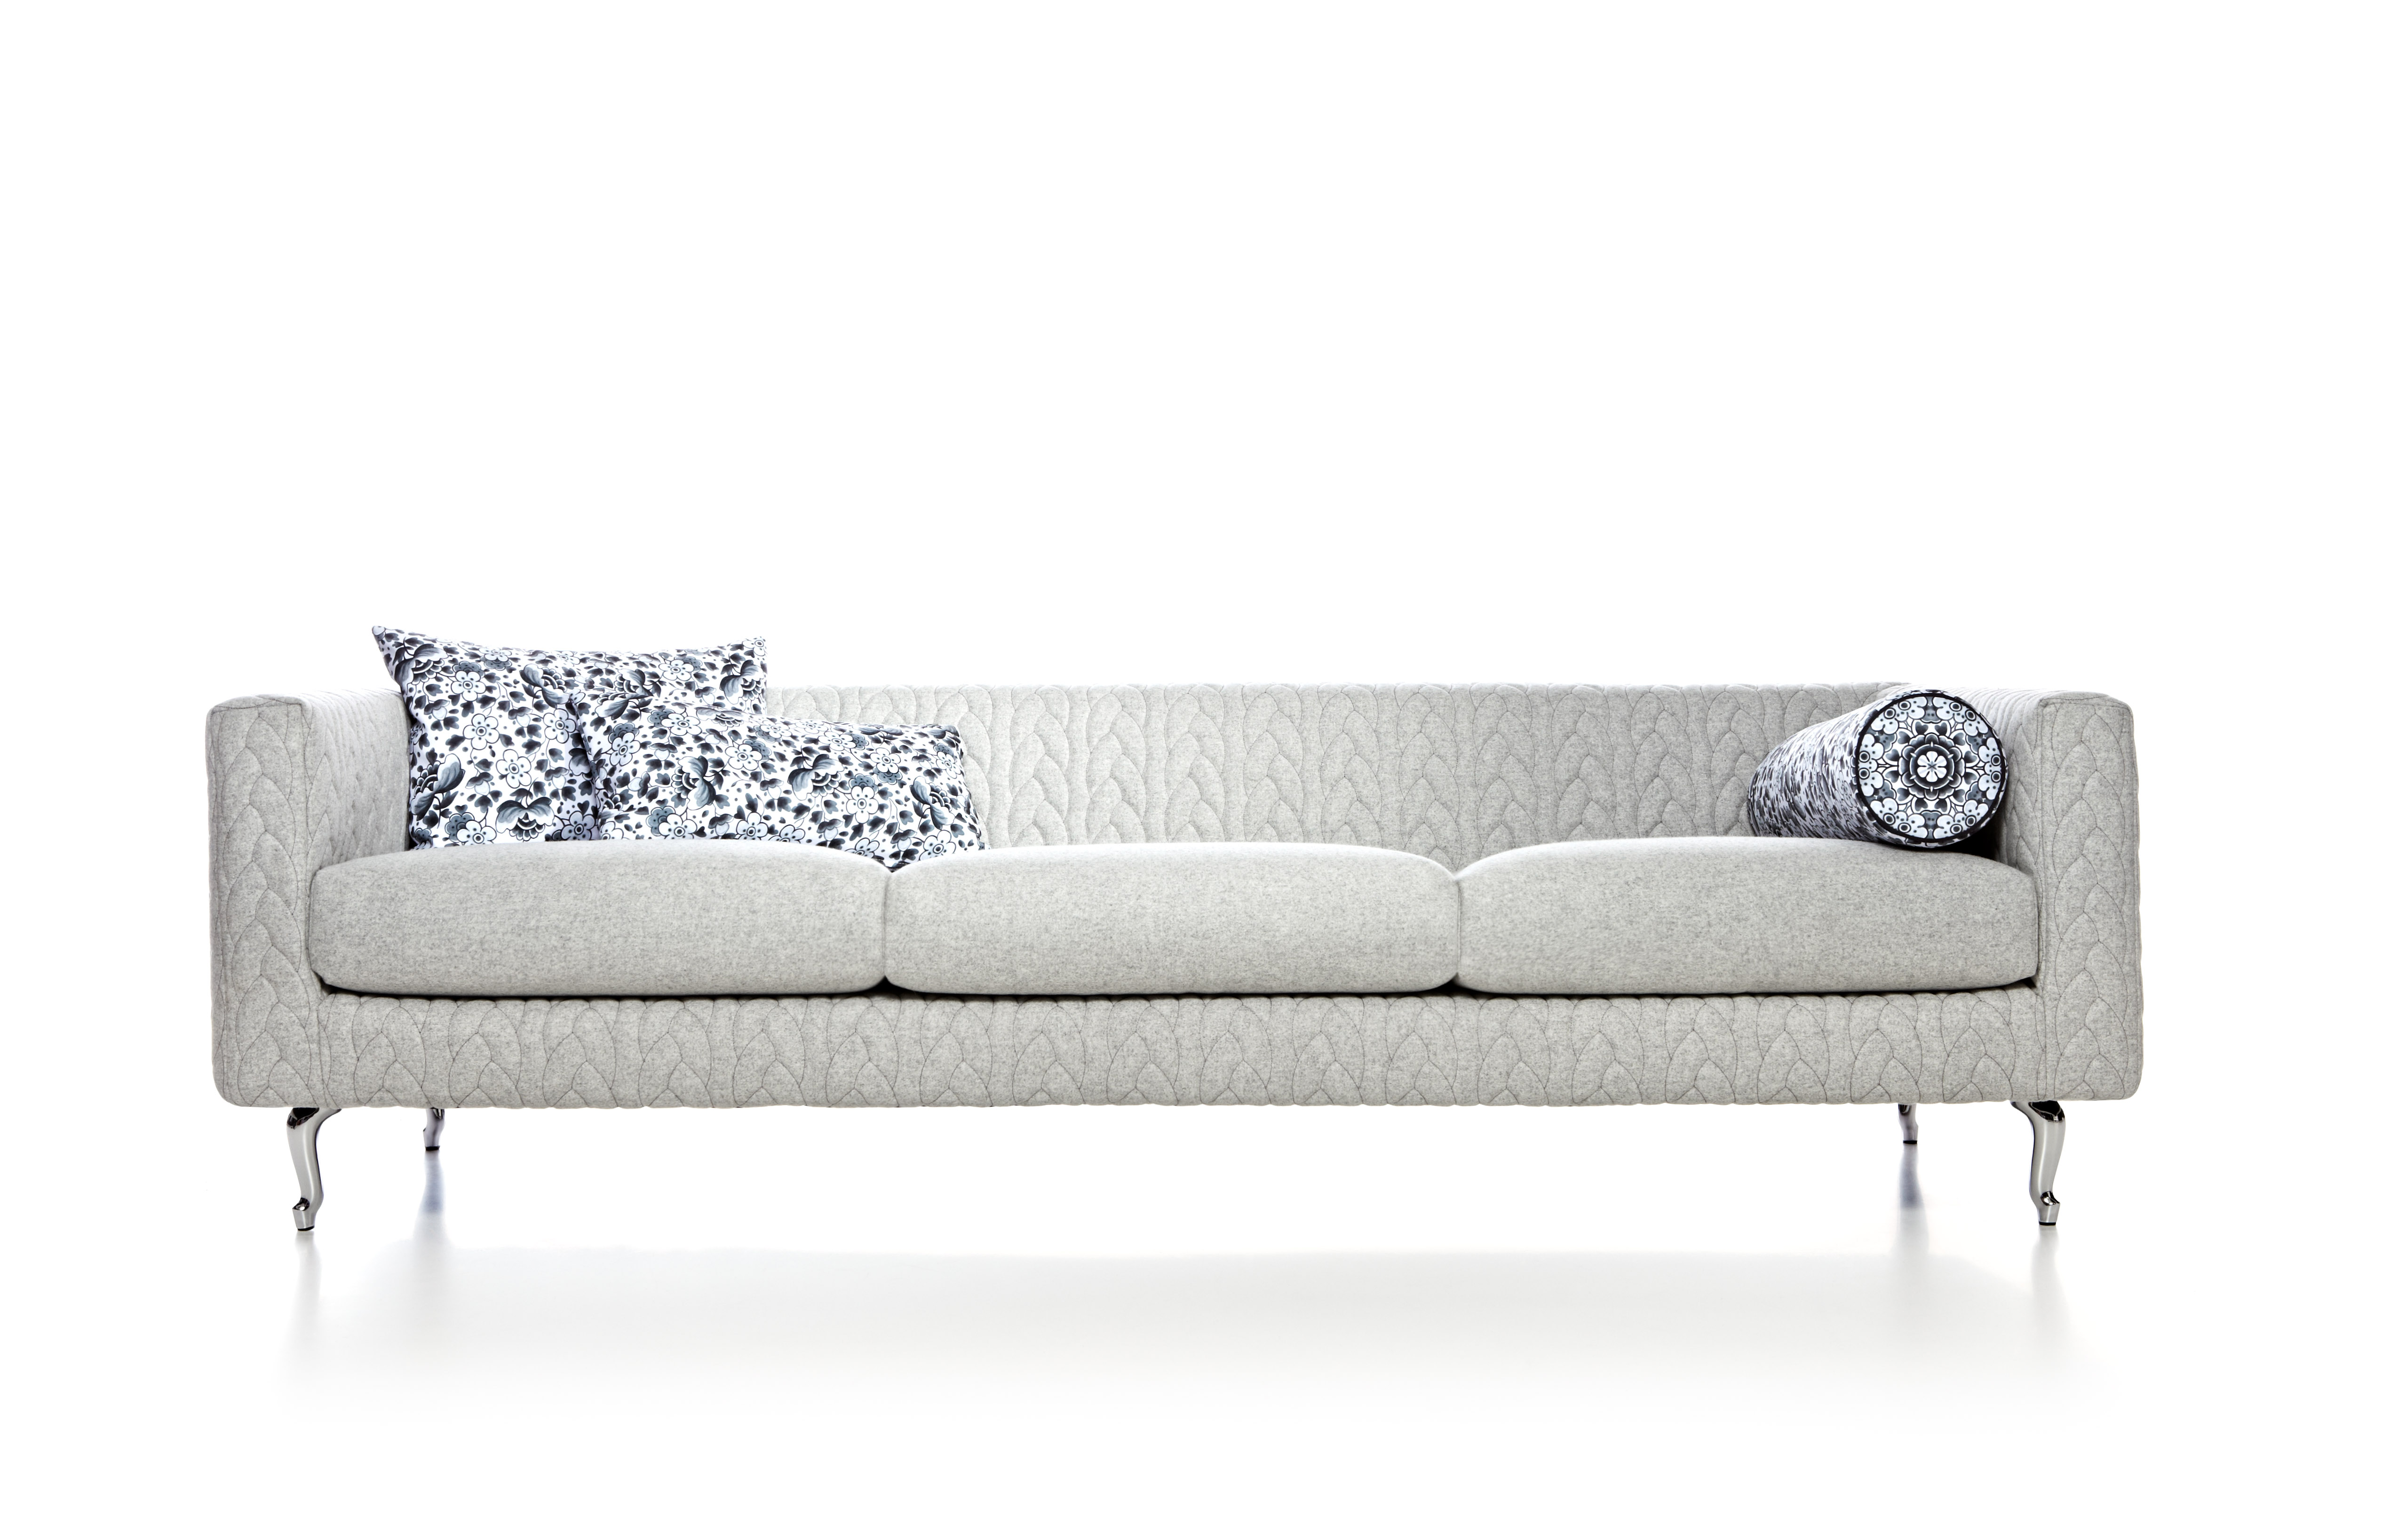 Boutique Delft Grey Jumper Sofa